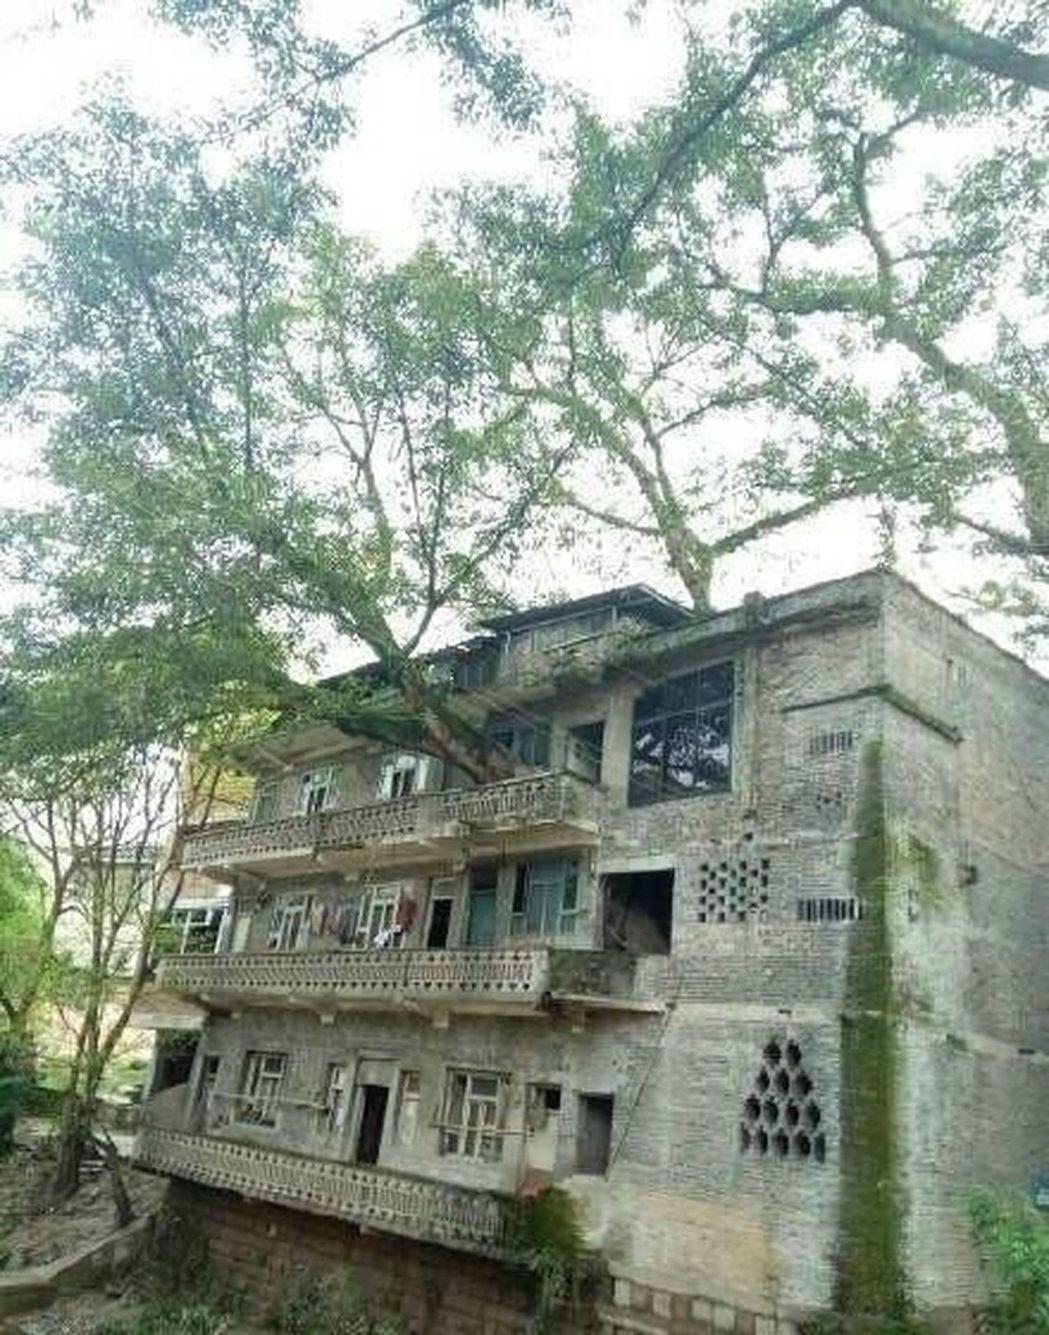 在重慶市梁平縣新盛鎮一居民家中,一棵數百年樹齡的黃桷樹扎根在室內,從地上一直穿越...